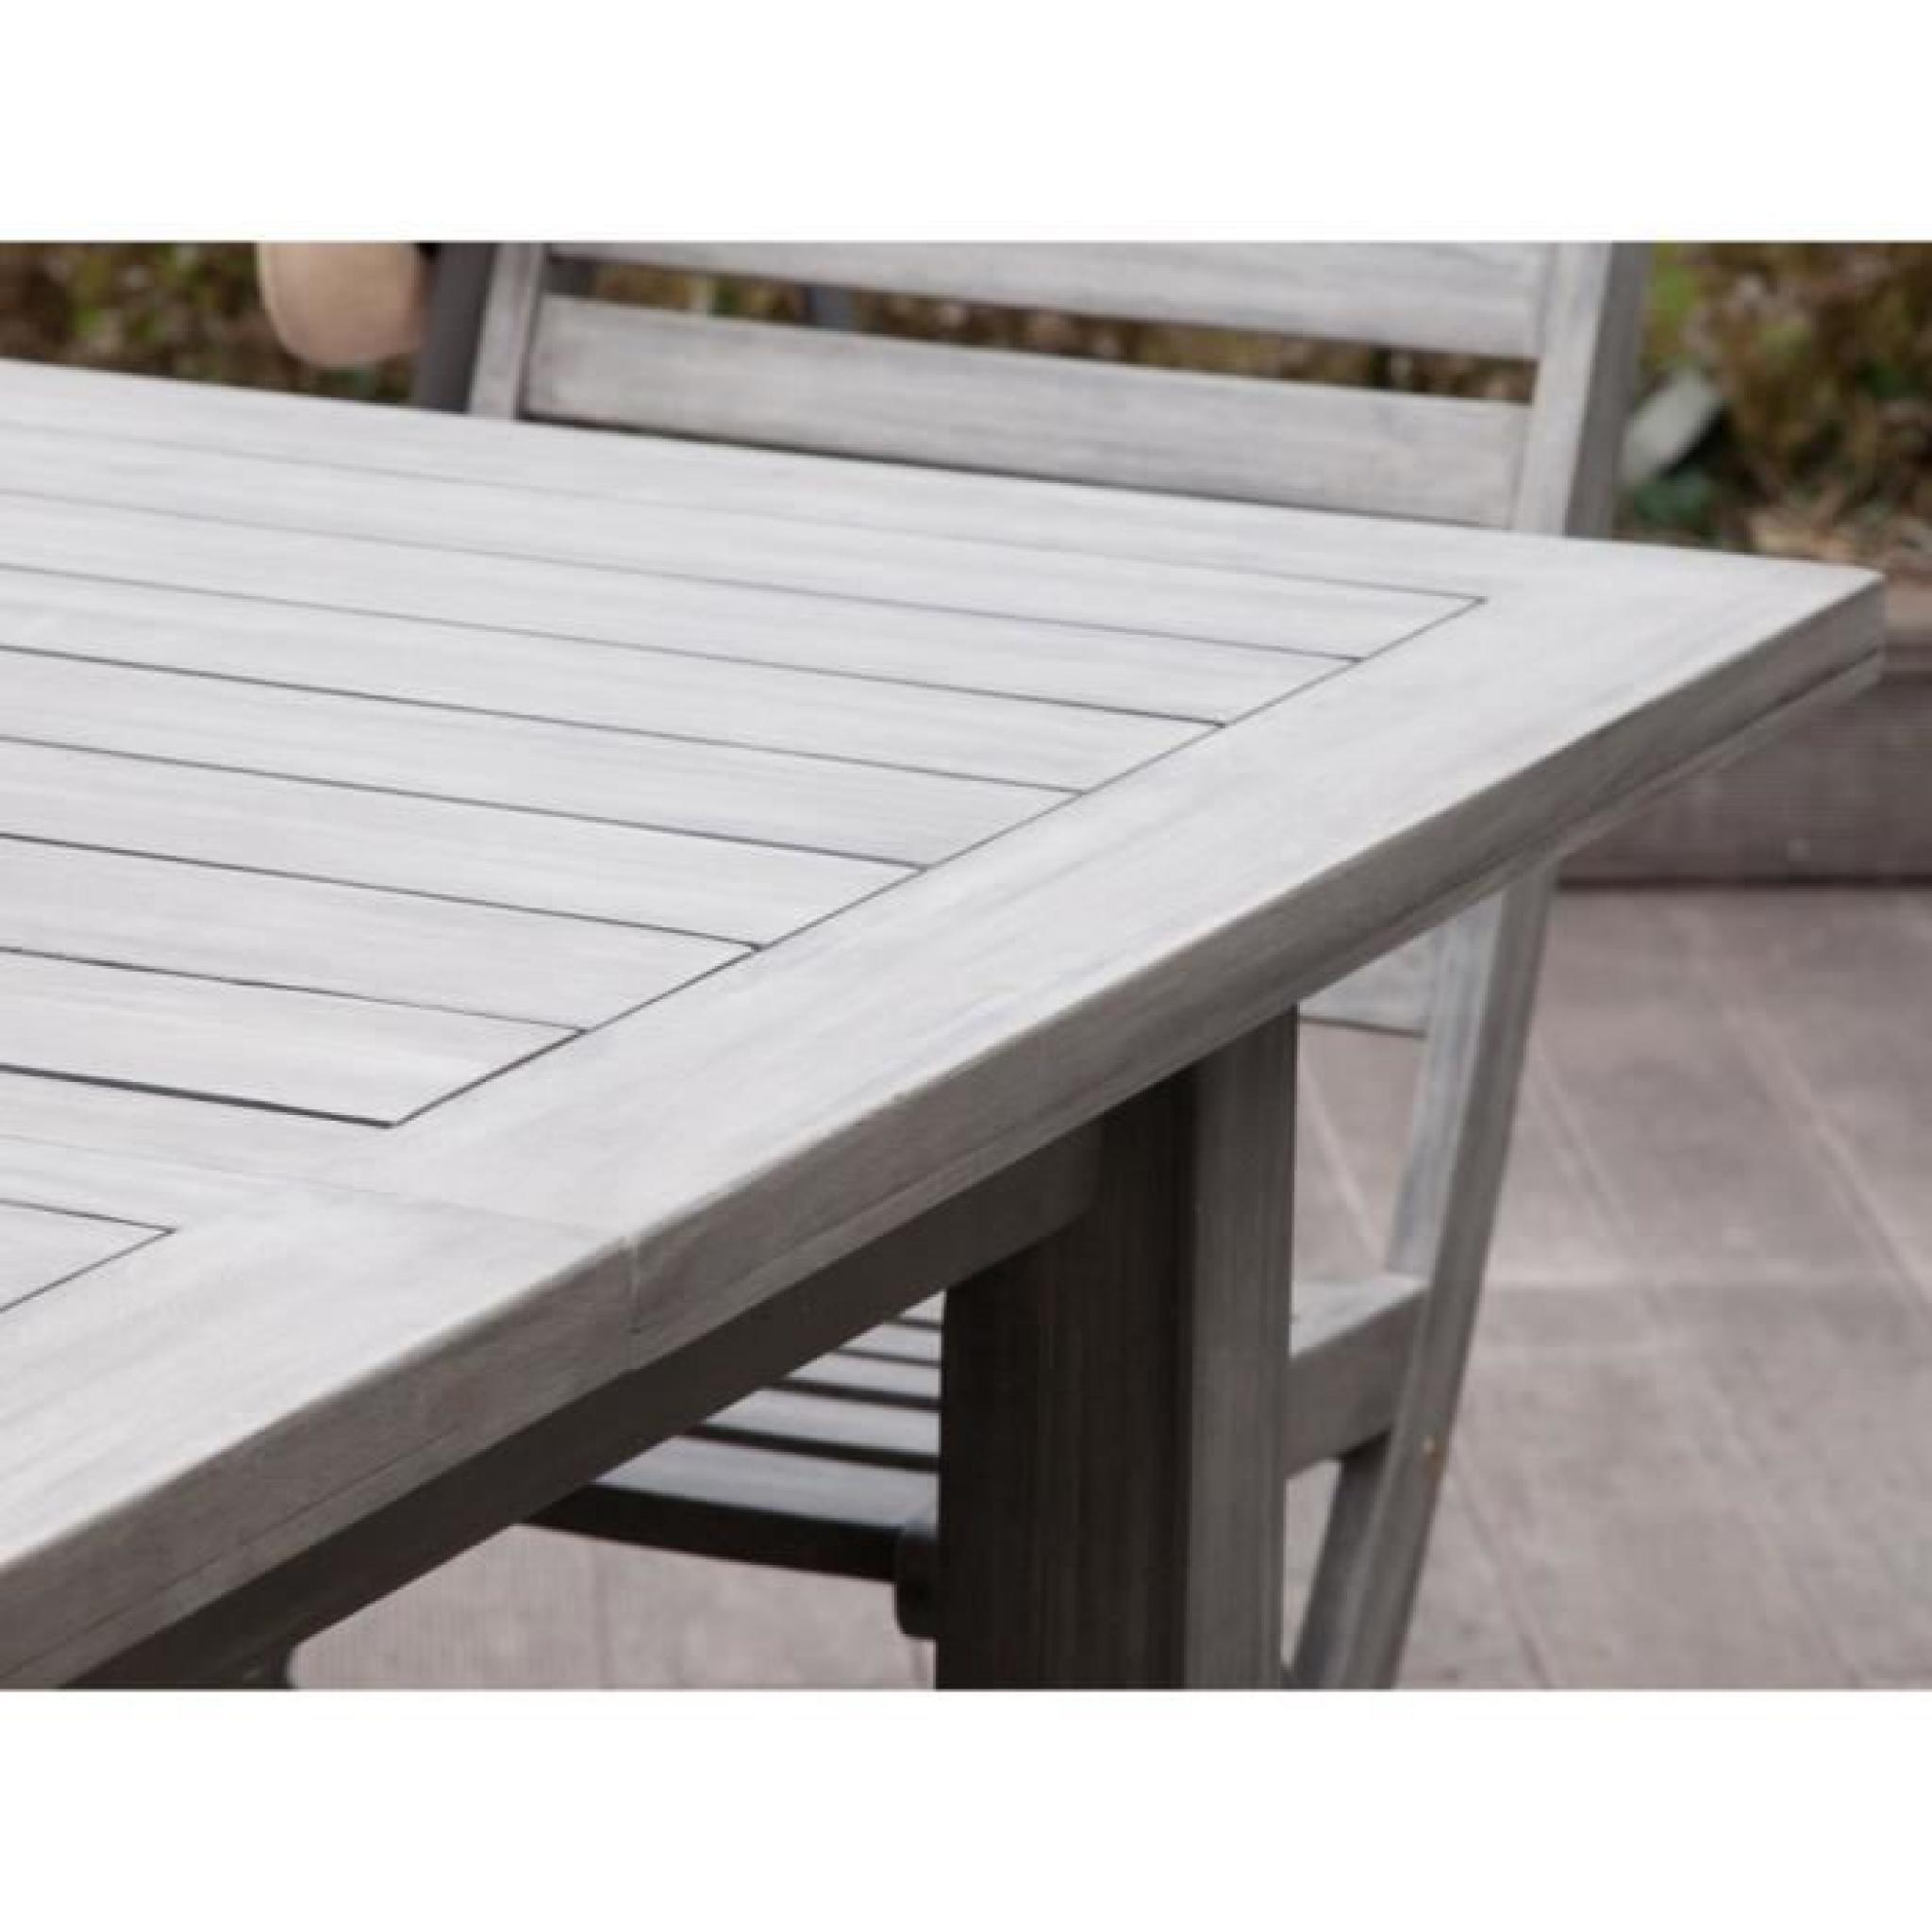 Table De Jardin Extensible En Acacia 150-200X100Cm Silverwood encequiconcerne Table De Jardin Extensible Pas Cher